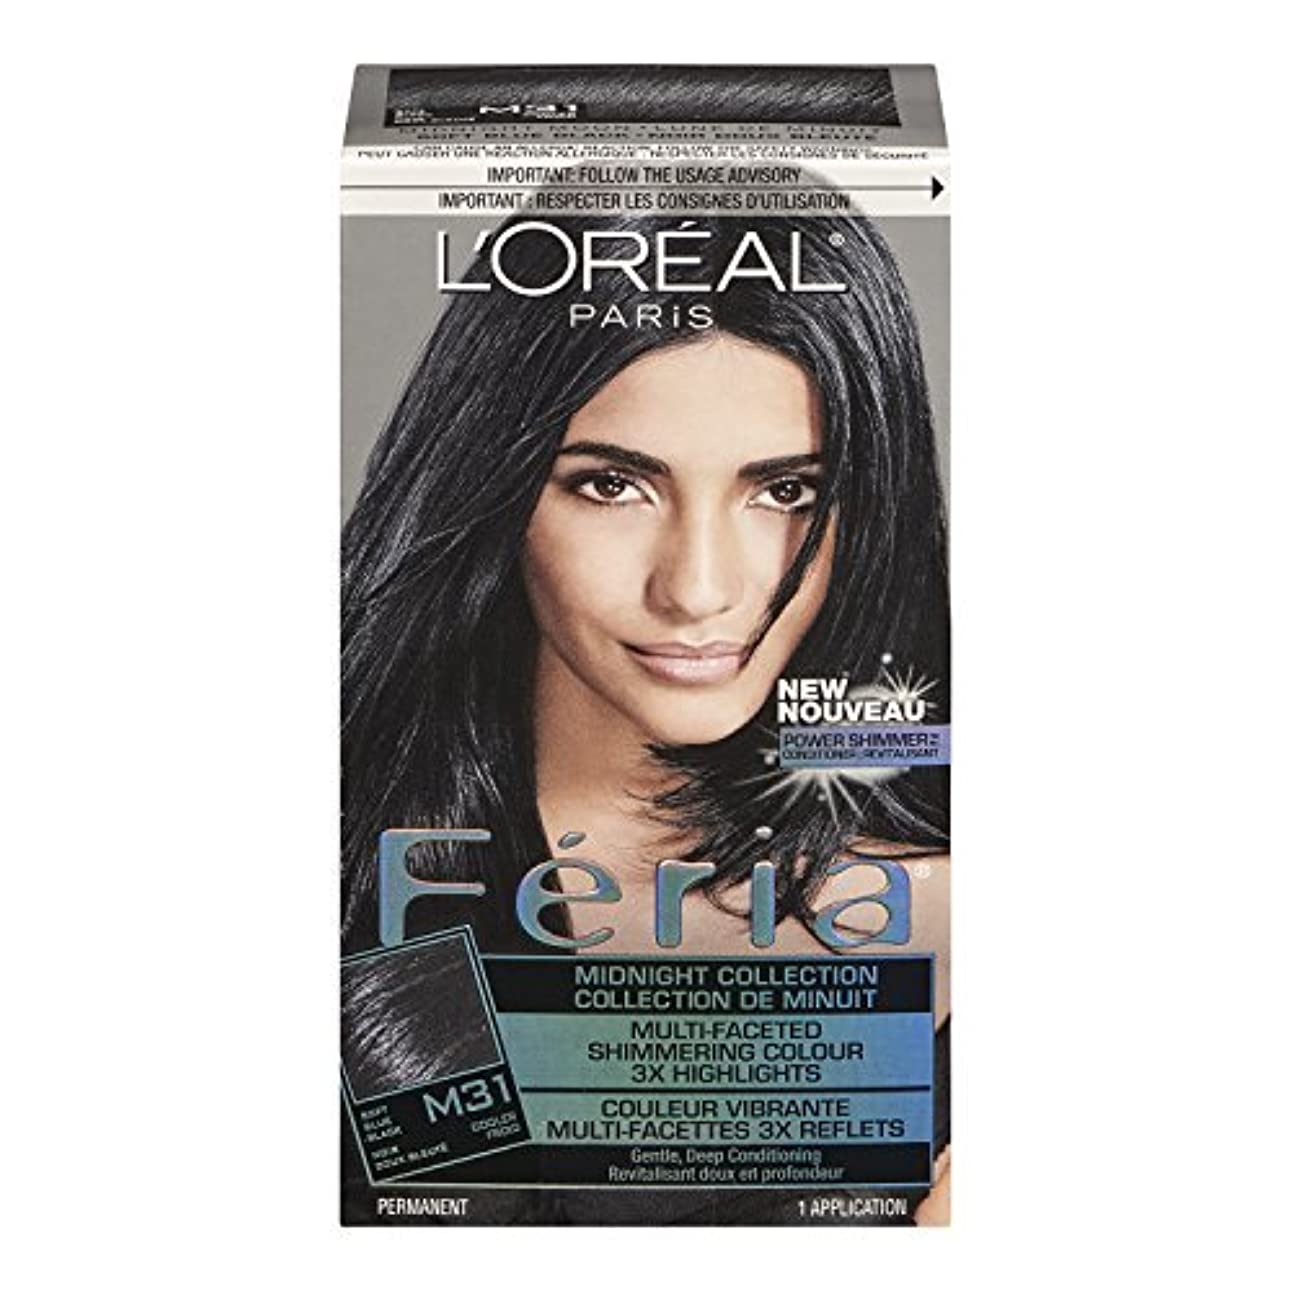 浸漬何故なの洋服L'oreal Paris Feria Midnight Collection, Cool Soft Black by L'Oreal Paris Hair Color [並行輸入品]